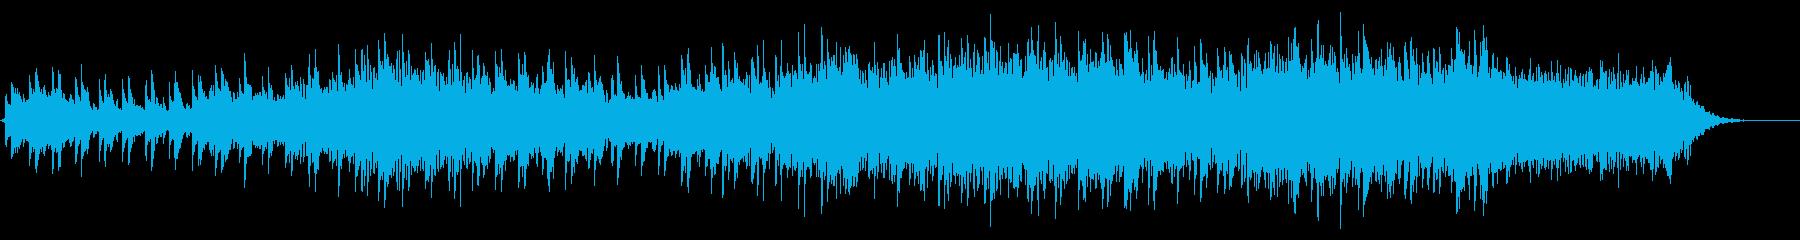 冷たさを感じるミステリアスなBGMの再生済みの波形